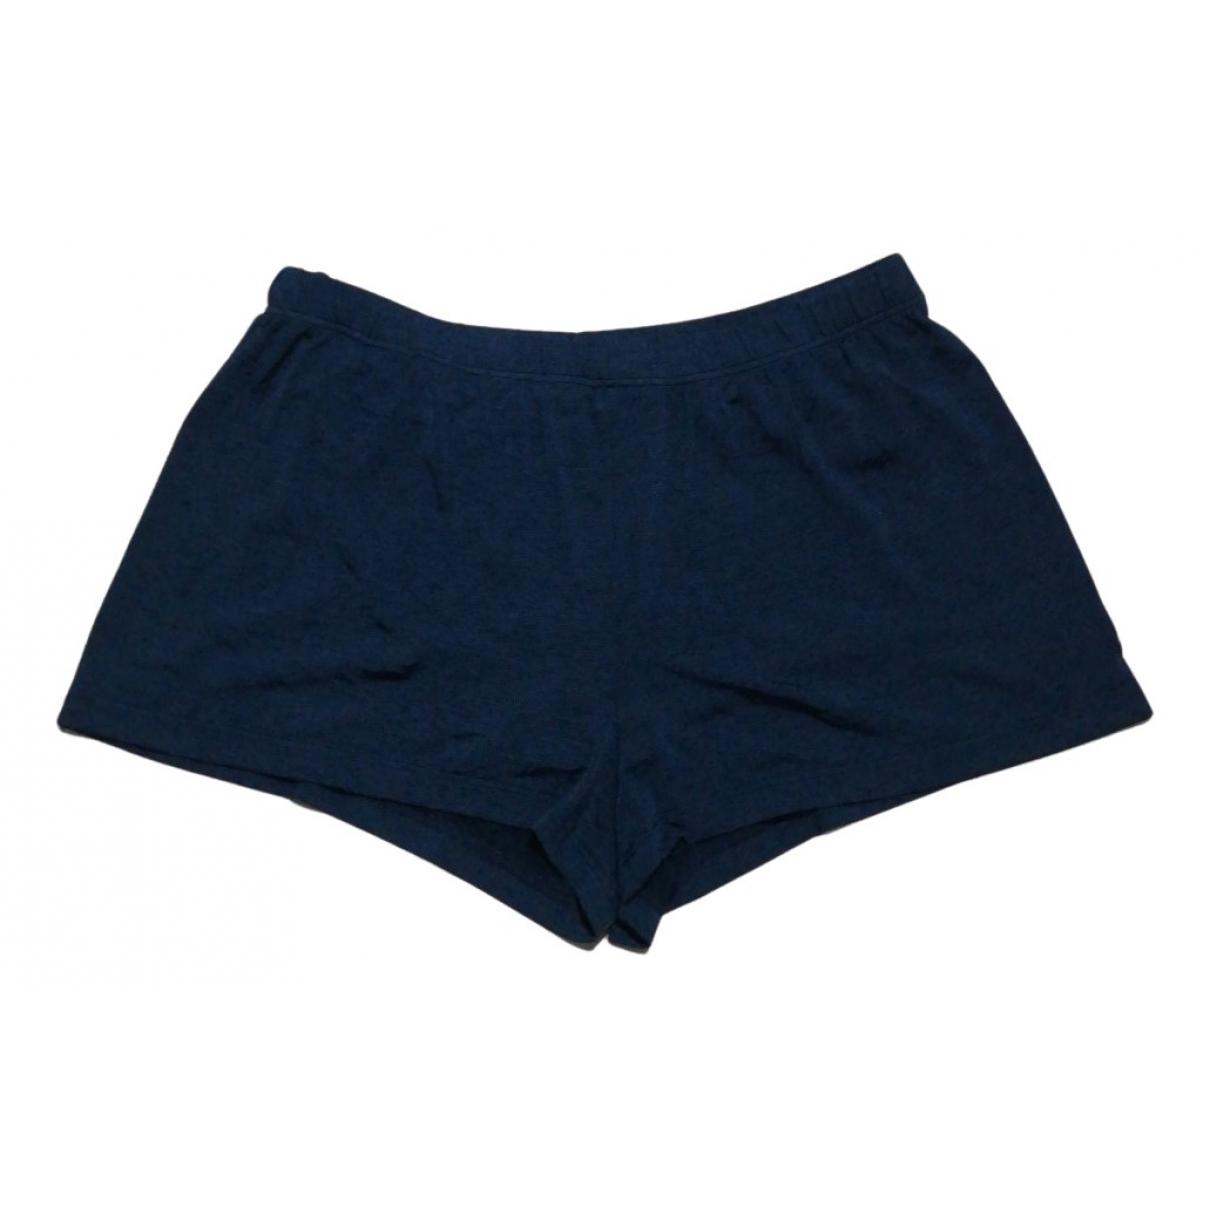 Emporio Armani \N Badeanzug in  Blau Polyester